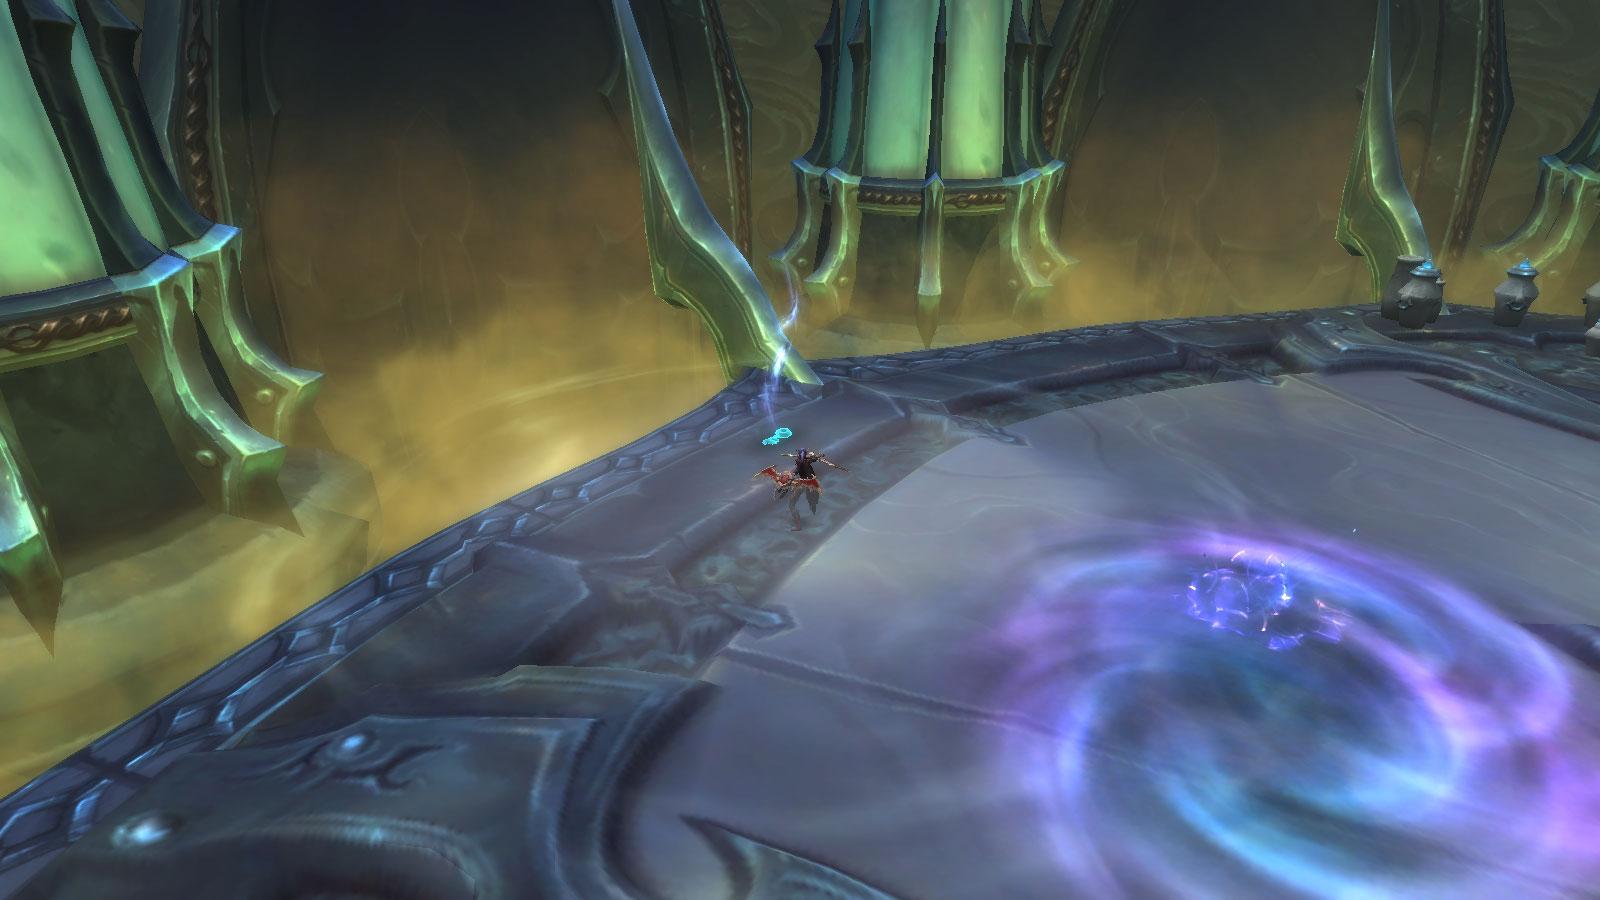 Des clés spectrales sont dispersées dans la tour